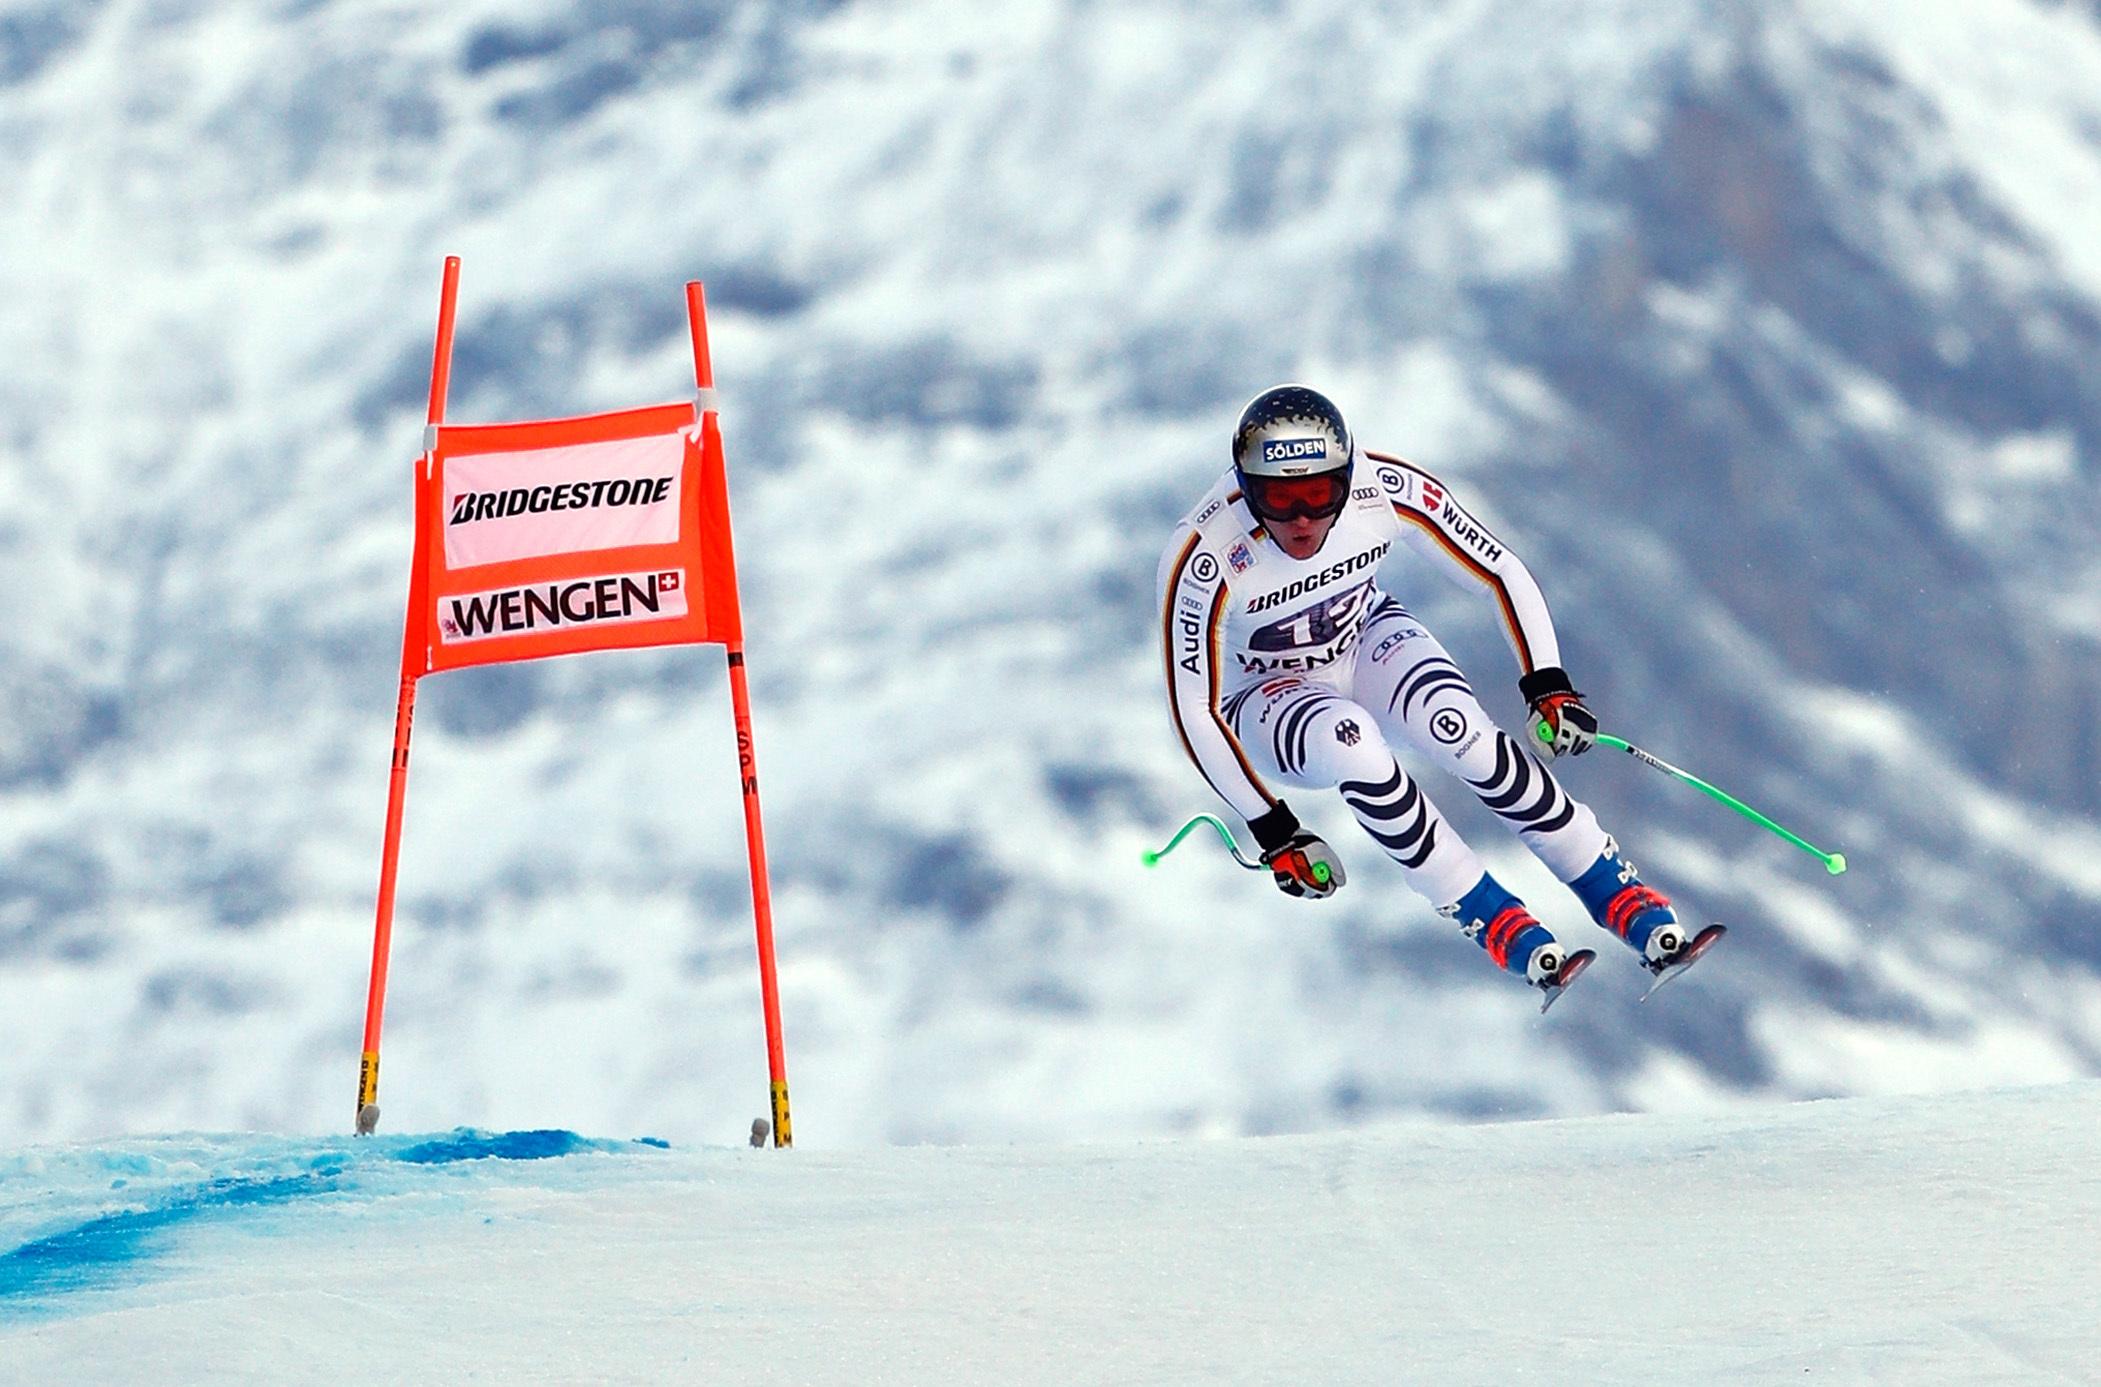 Erster Weltcupsieg für Muffat-Jeandet